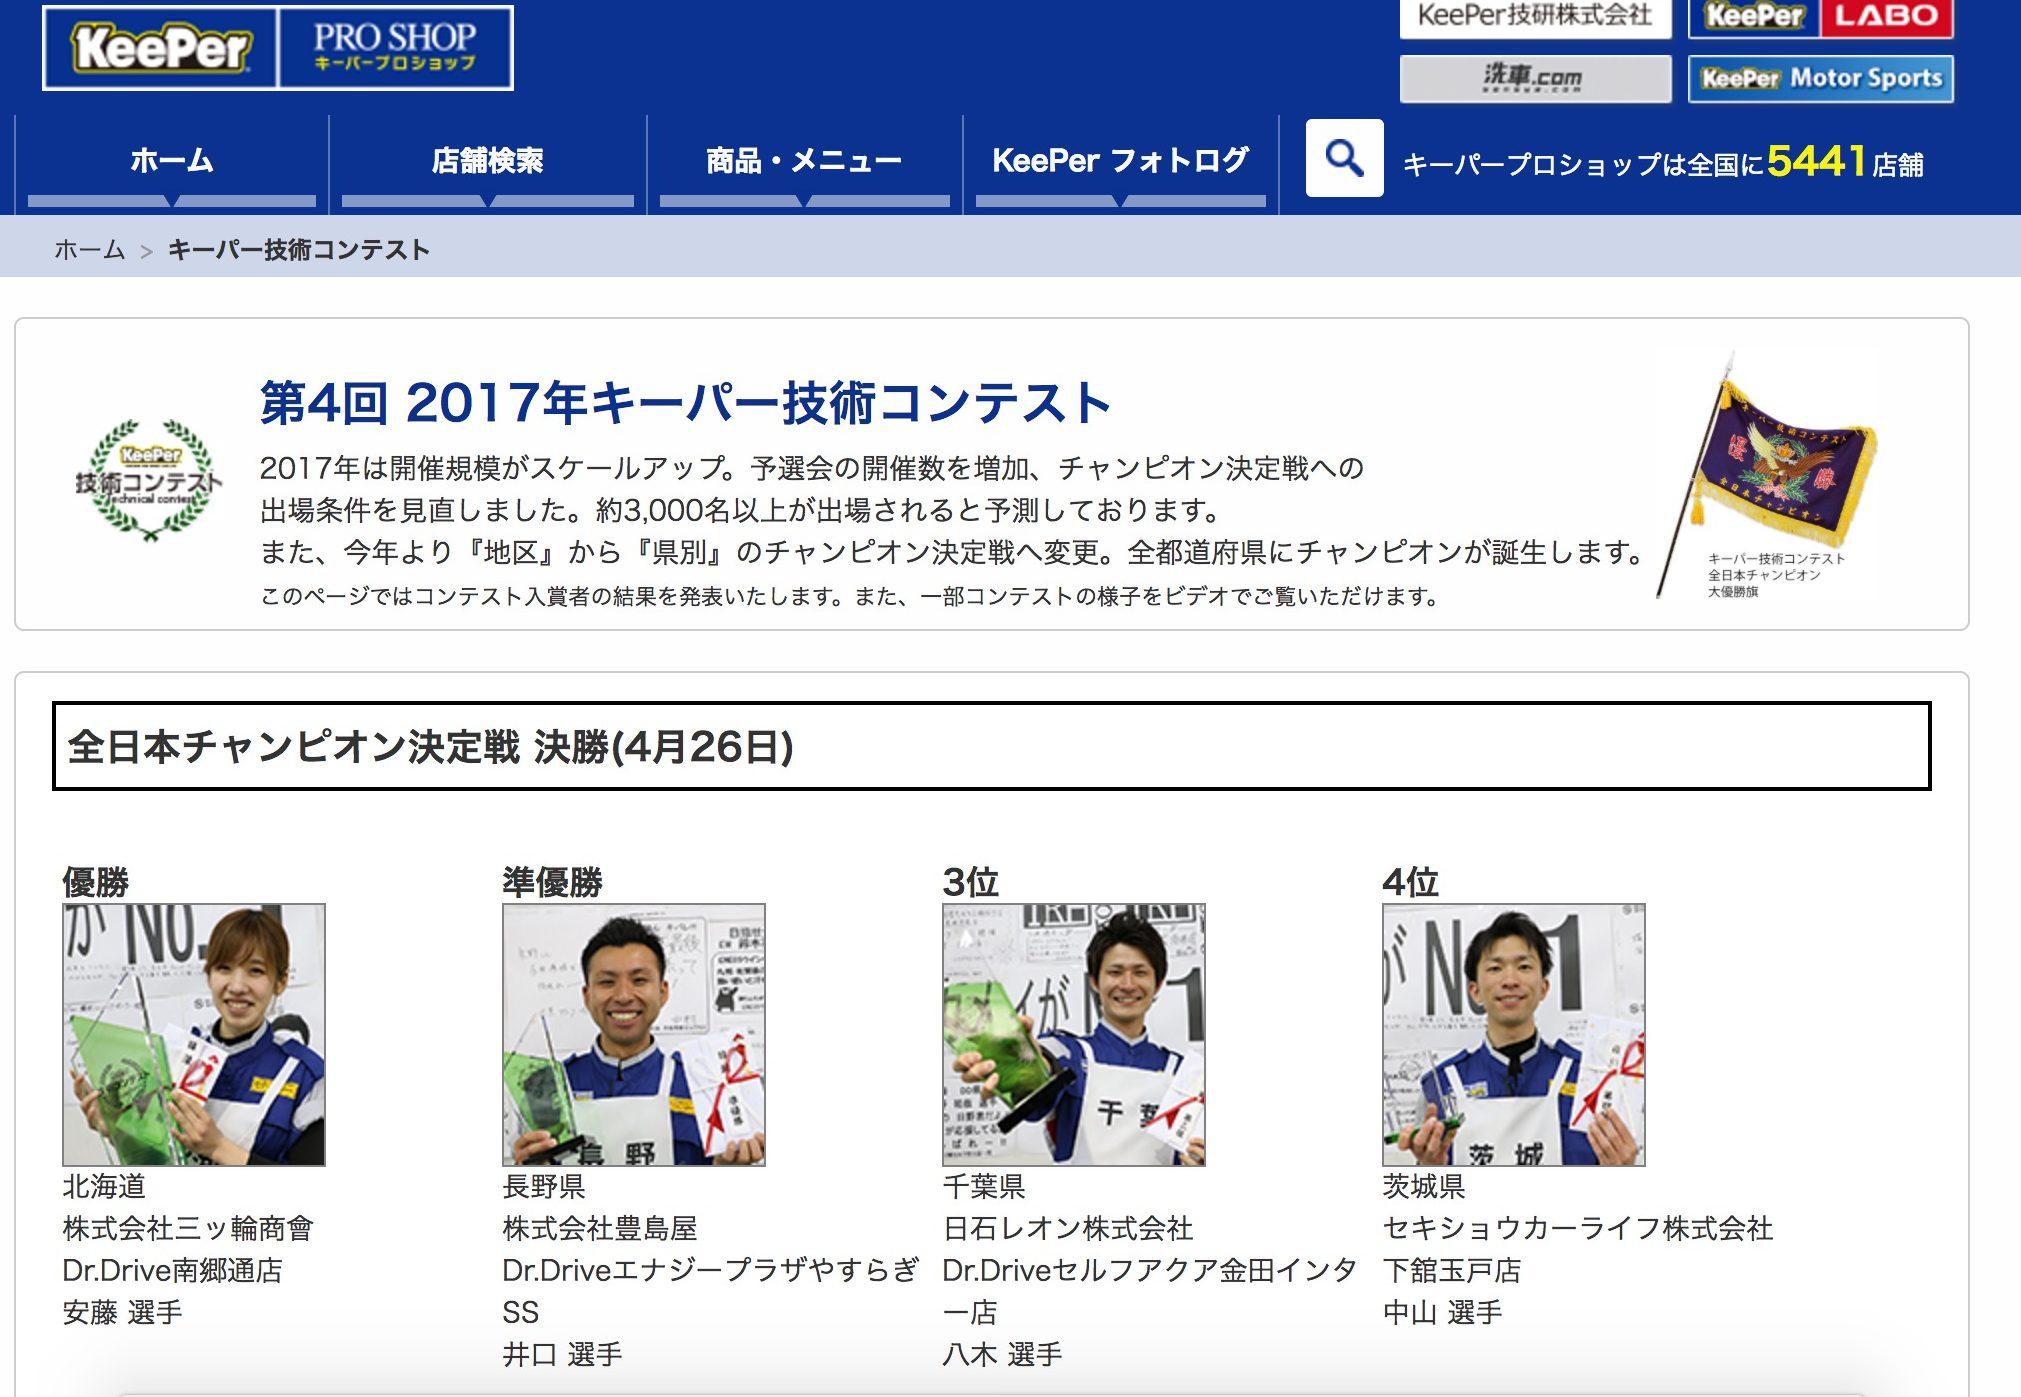 キーパー 技研 株価 KeePer技研 (6036) : 株価予想・売買予想・株価診断